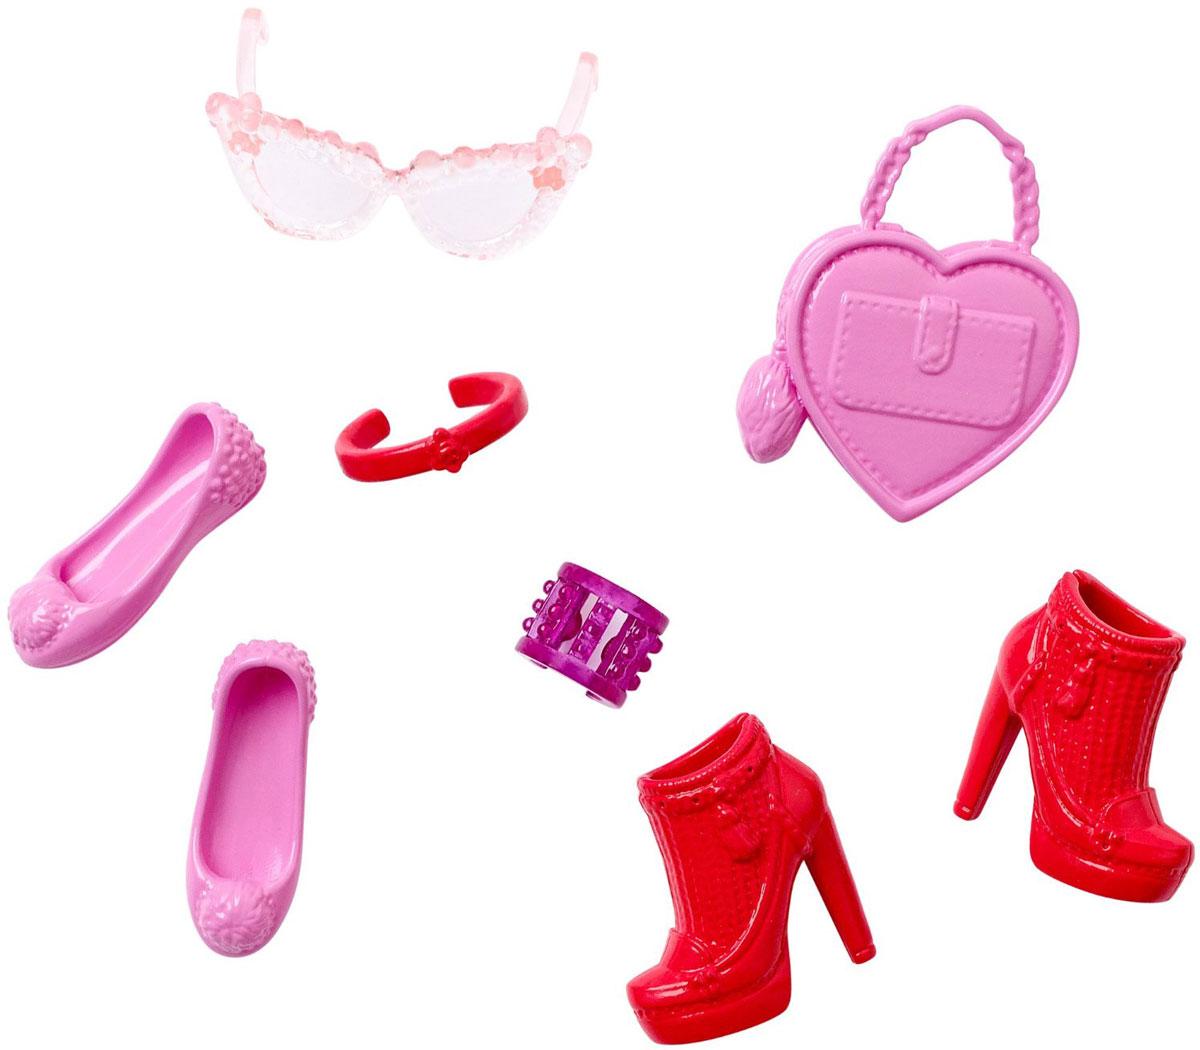 Barbie Набор обуви и аксессуаров для кукол цвет розовый красныйCFX30_DHC55Каждый день новый очаровательный наряд - это возможно с набором обуви и аксессуаров Barbie. Современные силуэты, нарядные цвета и детали оживят игру. В набор входят две пары обуви, два браслета, сумочка и очки, кукла продается отдельно. Комбинируйте с другими нарядами, чтобы расширить гардероб своих модниц. Одежда подходит большинству кукол Барби.